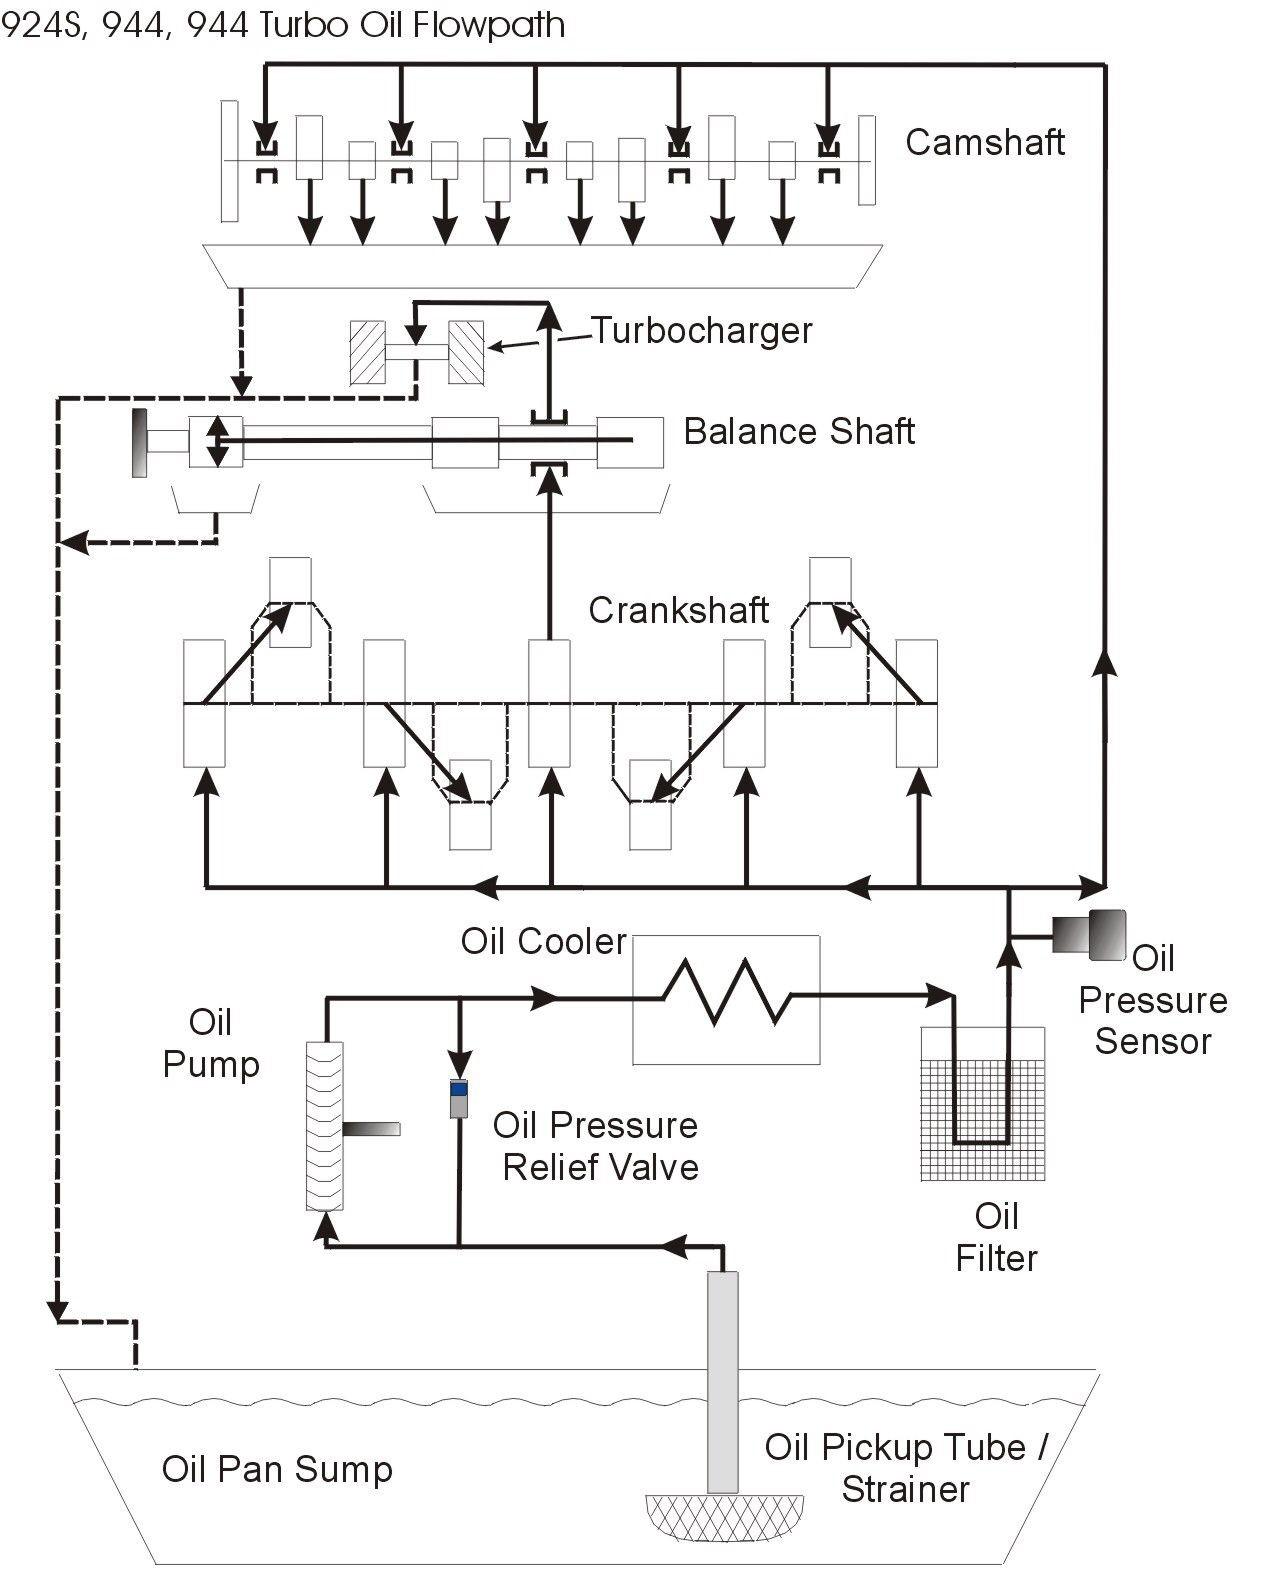 Water Cooled Engine Diagram Porsche 944 Engine Oil Flow Porsche Transaxles Of Water Cooled Engine Diagram